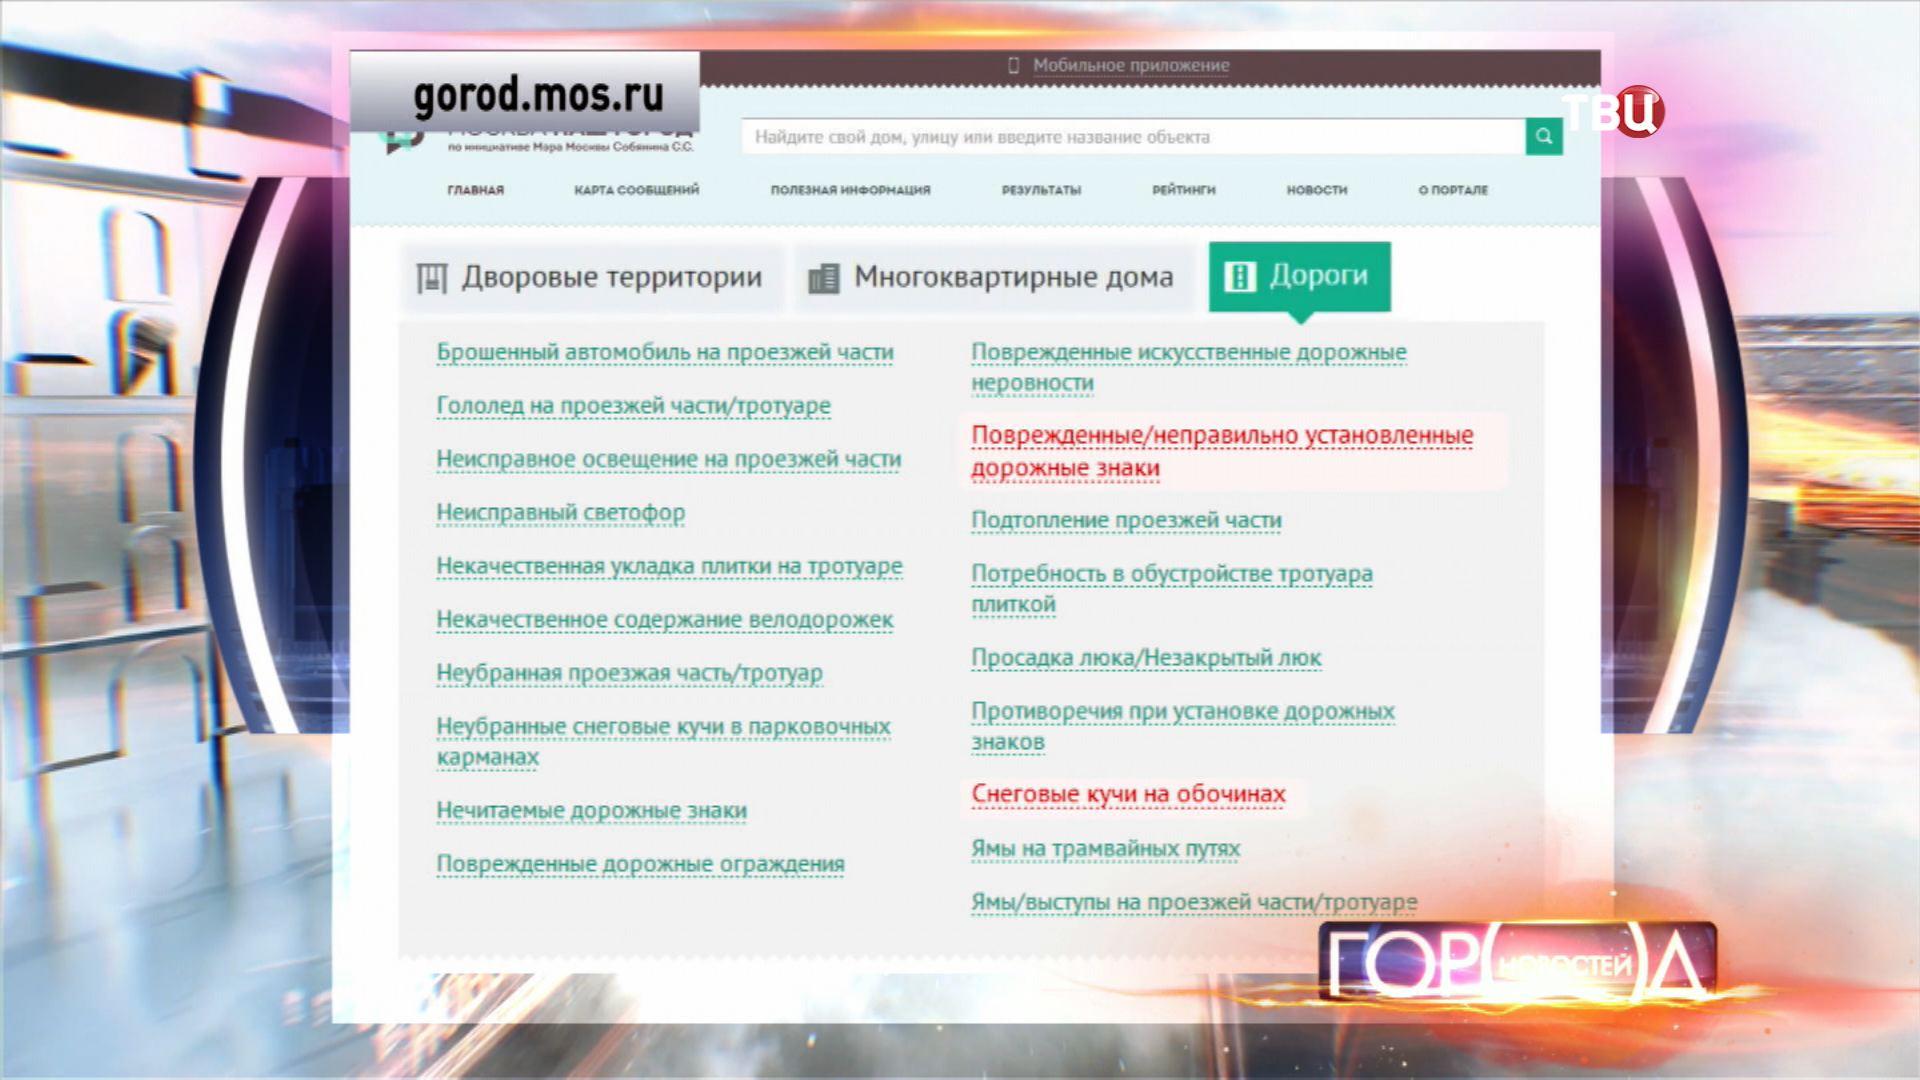 Сайт gorod.mos.ru